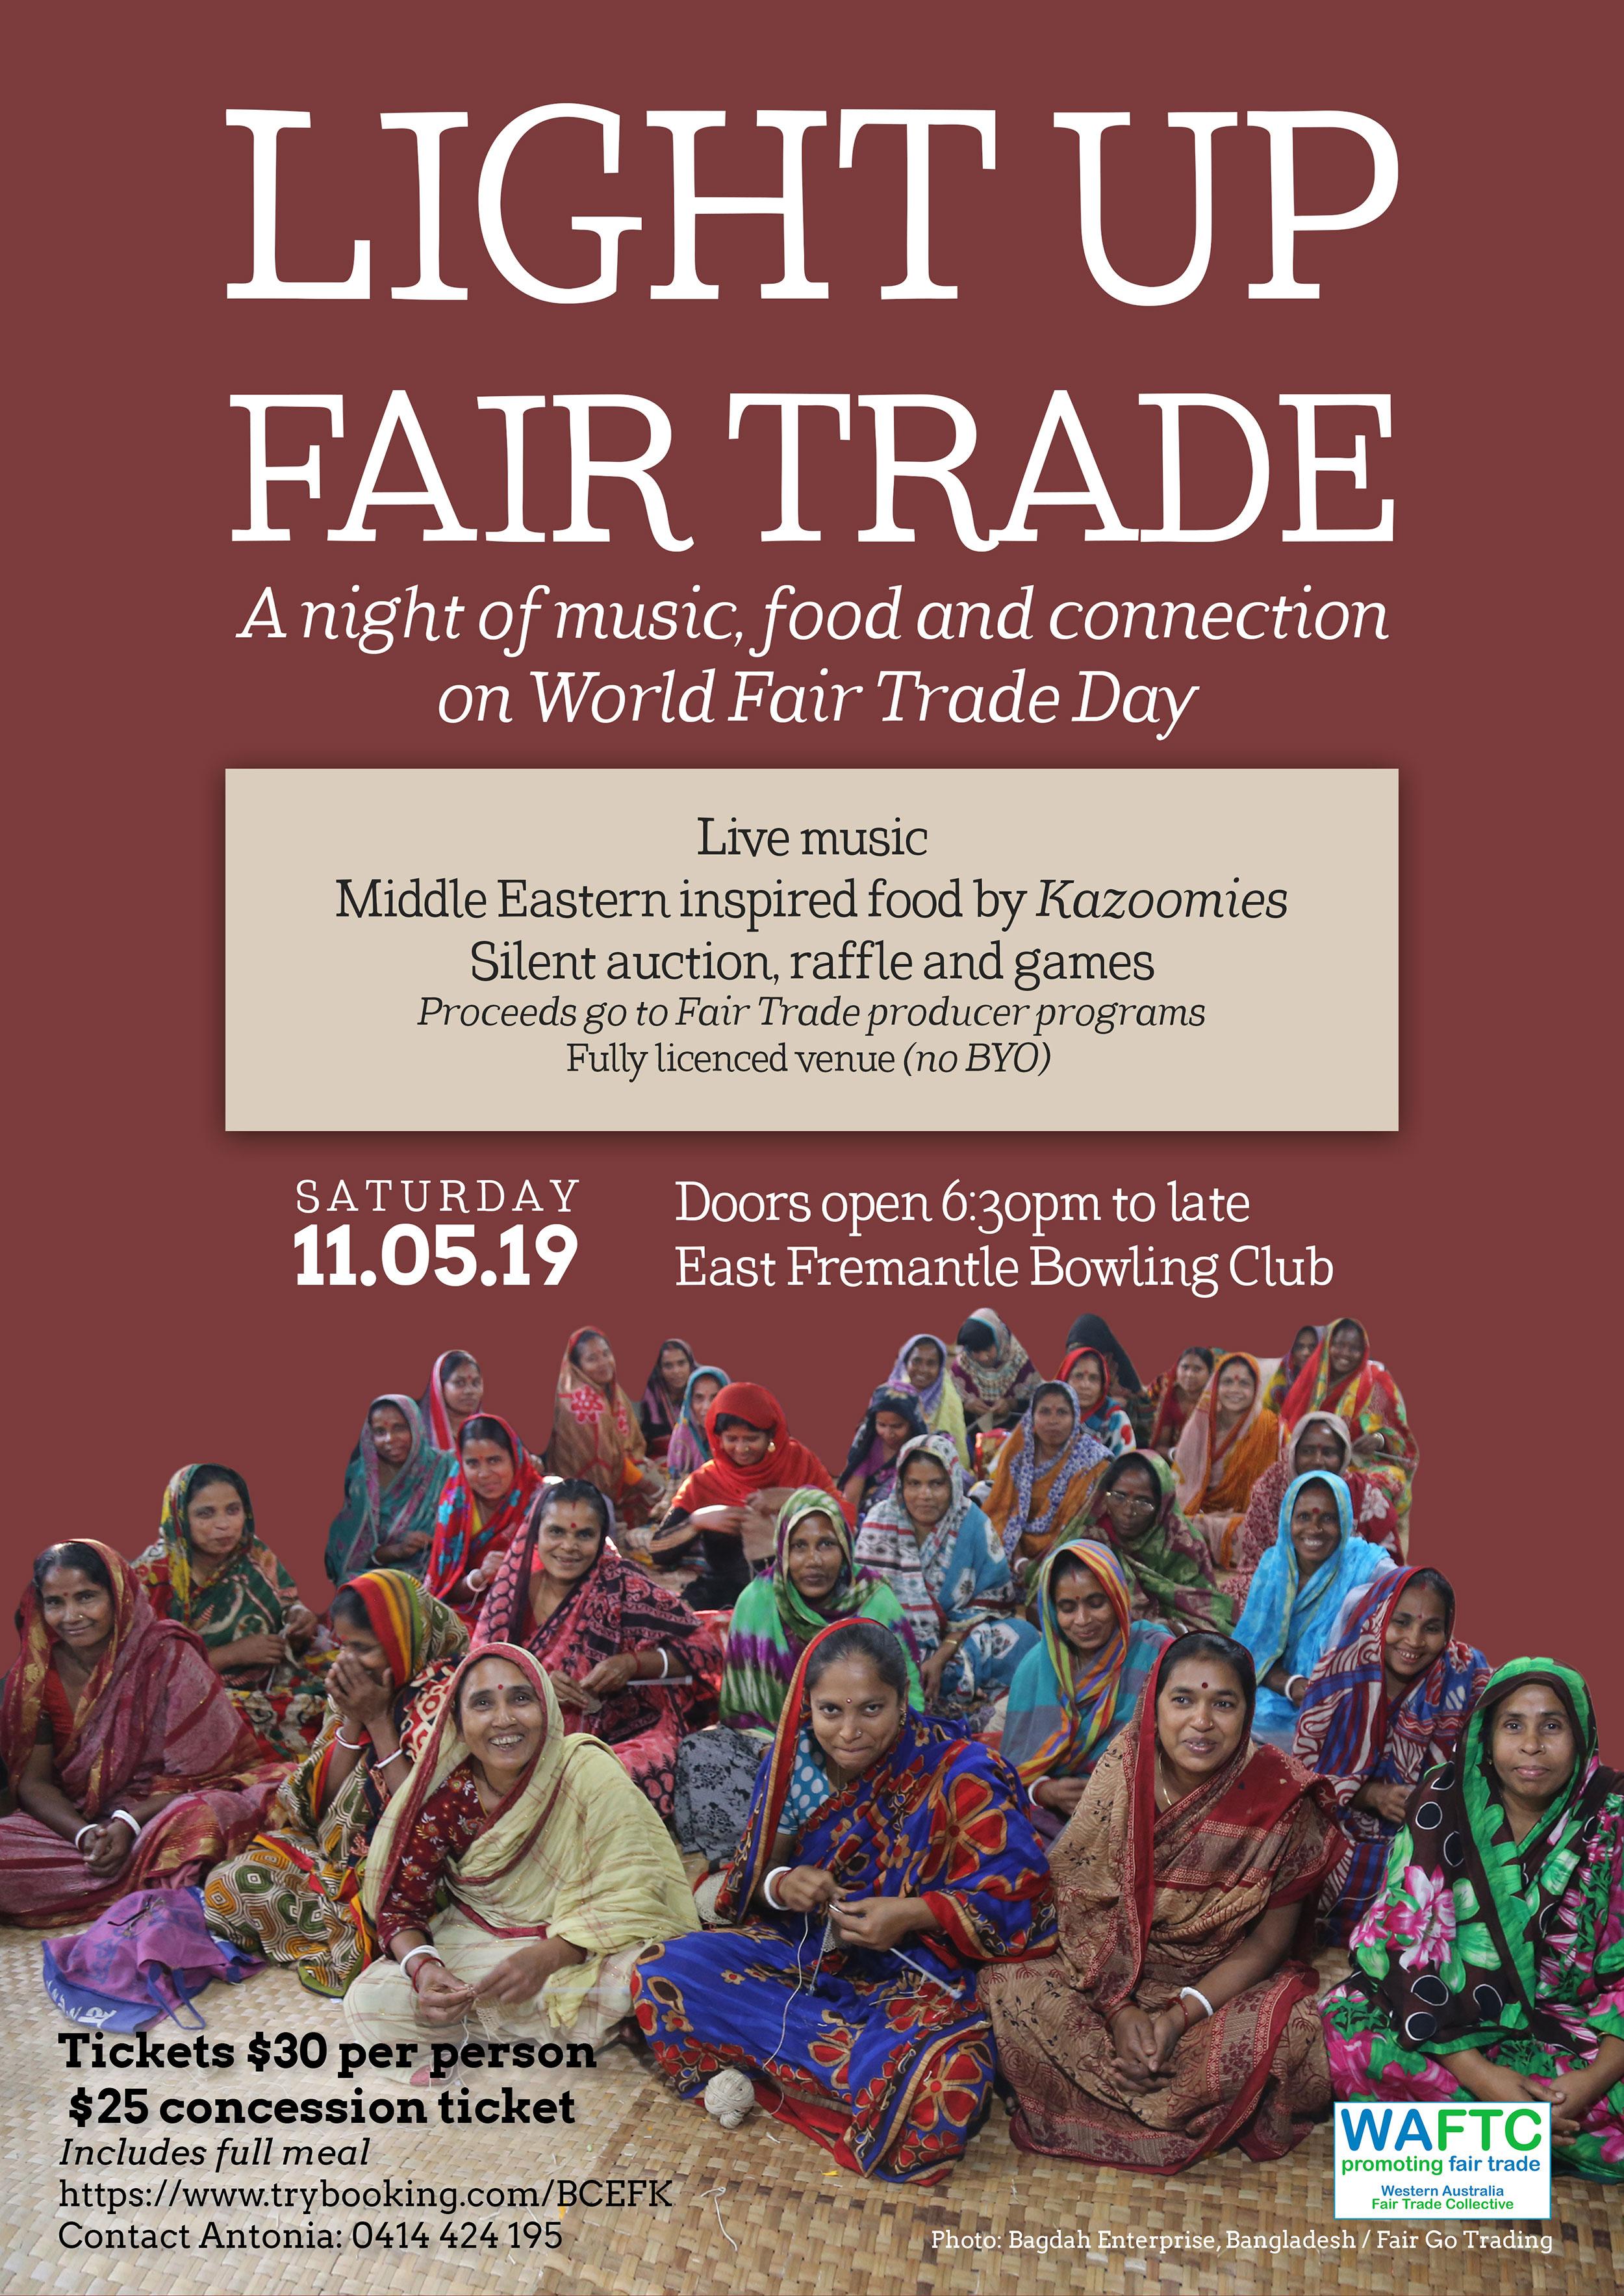 light-up-fair-trade-v2_2500.jpg